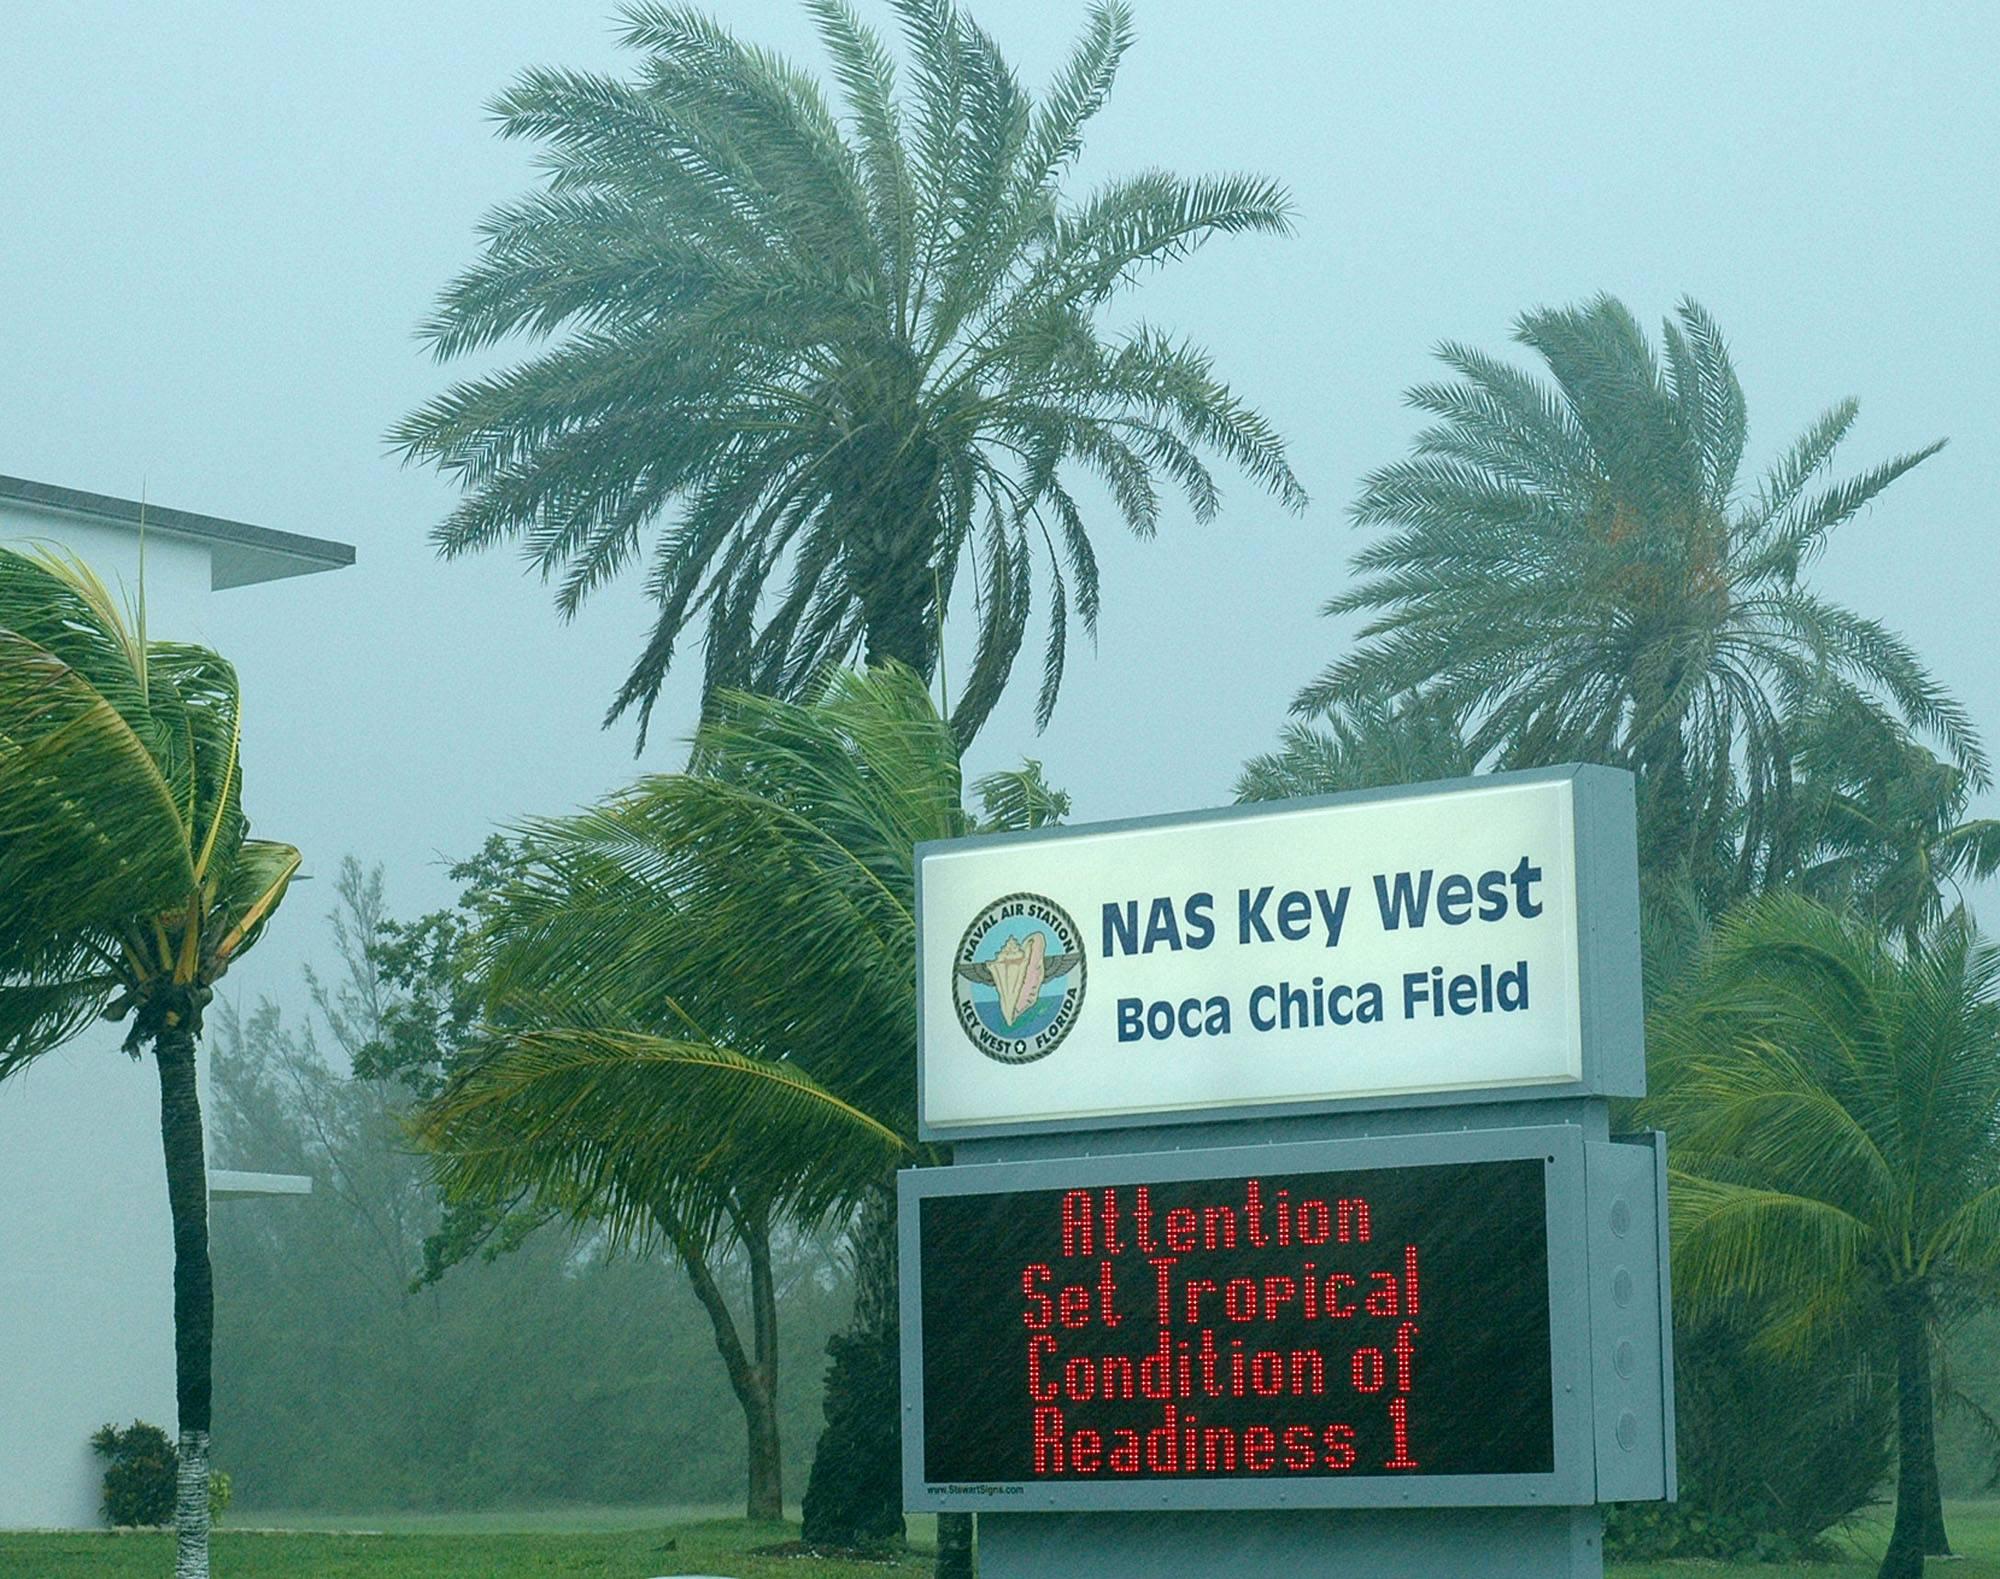 NAS Key West